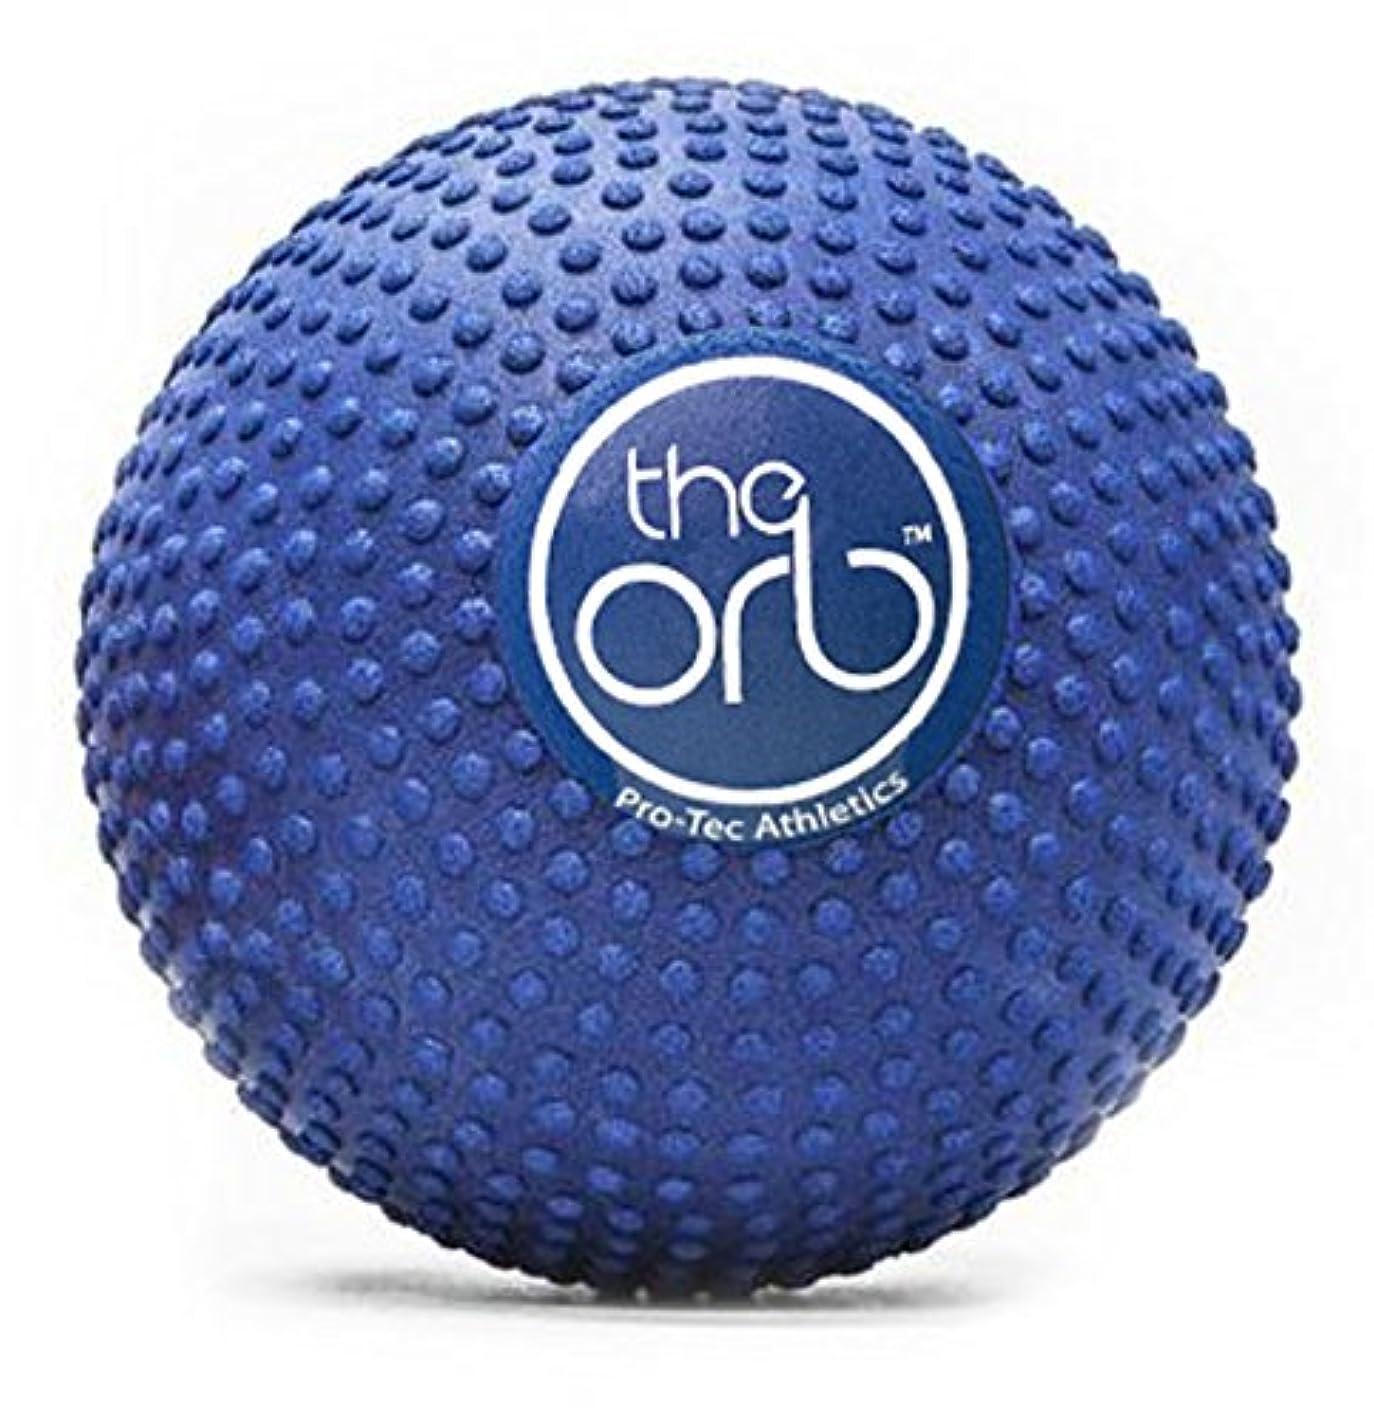 公園保守可能カーテンPro-Tec Athletics(プロテックアスレチックス) The Orb 5